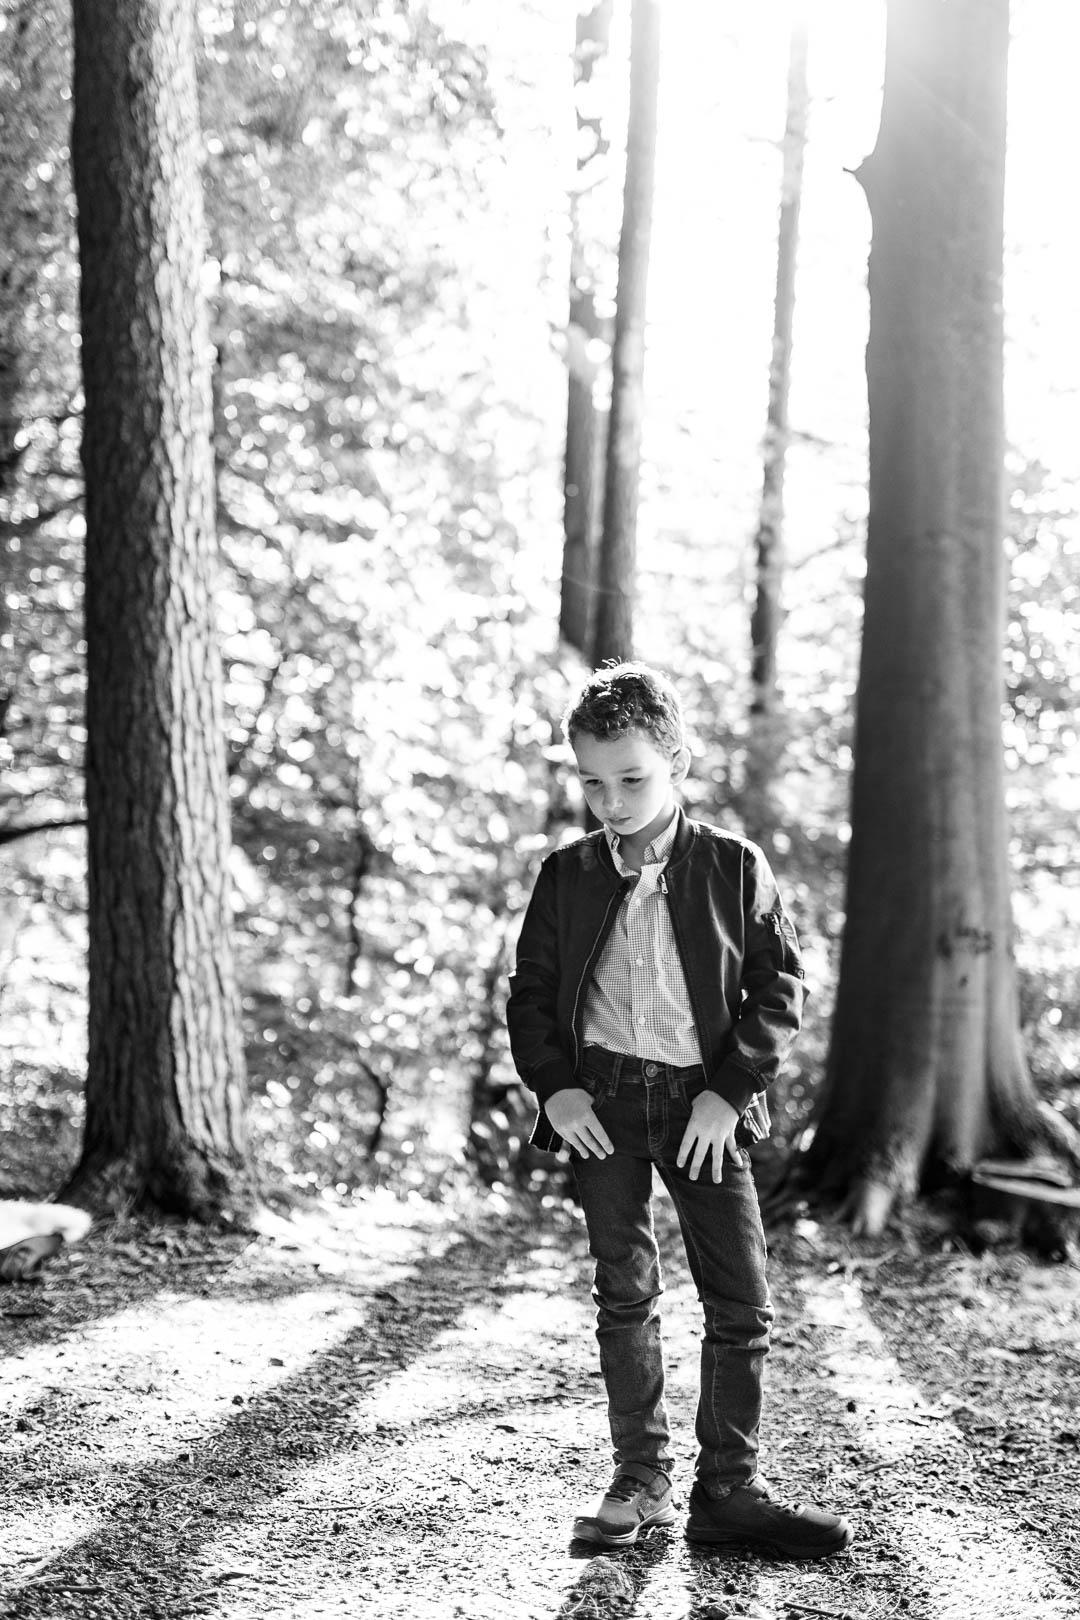 Kinderfotograf Franken Nürnberg Bayreuth Pegnitz 013 1 - familienfotografie, blog - Kinderfotografie, Kinderfotograf Nürnberg, Kinderfotograf Franken, Kinder